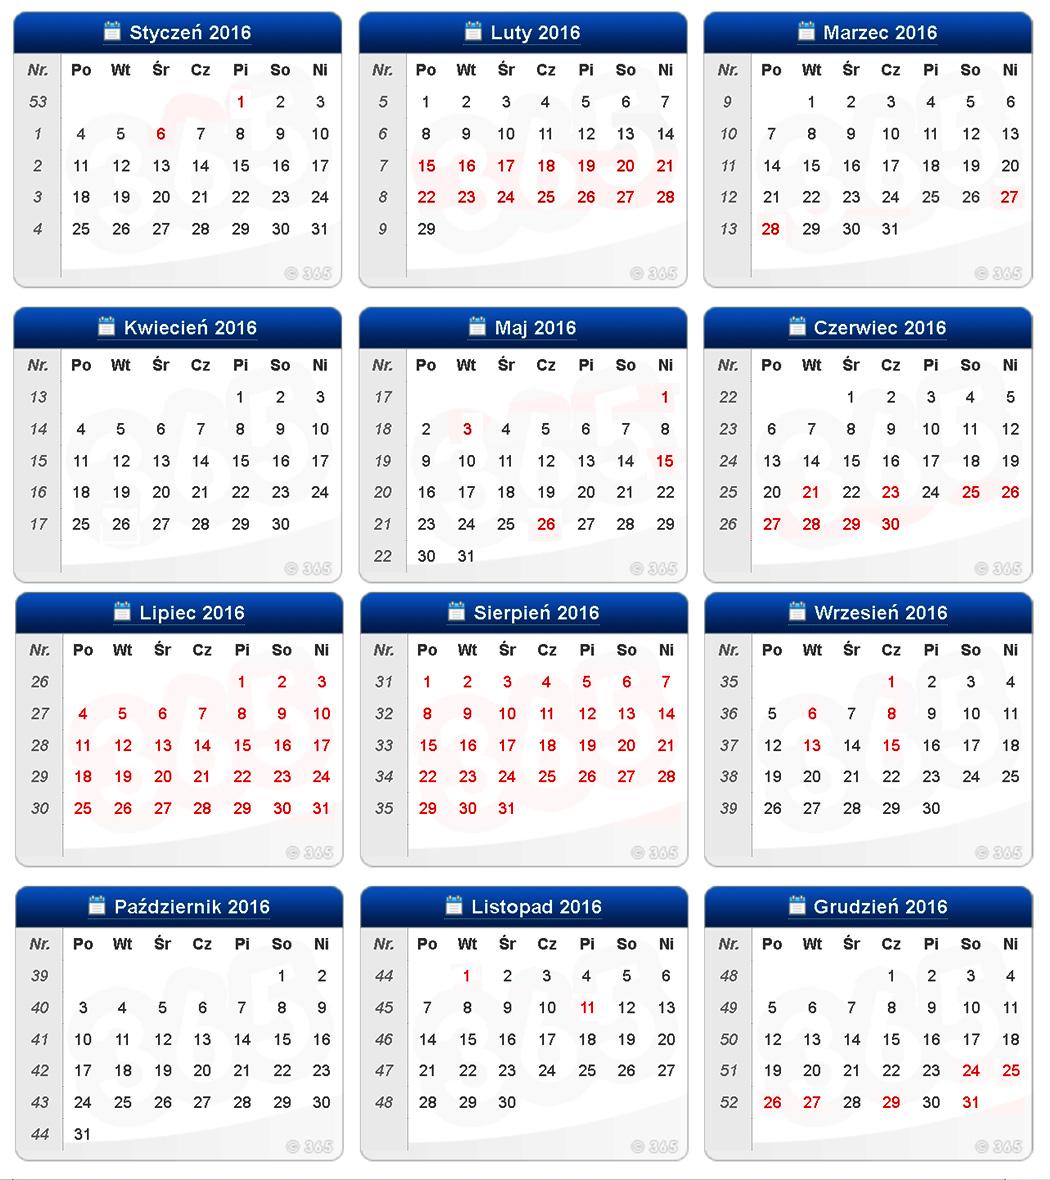 Kalendarz zajęć sportowych na basenie MOSiR Gdańsk Chełm i Politechniki Gdańskiej na 2016 rok